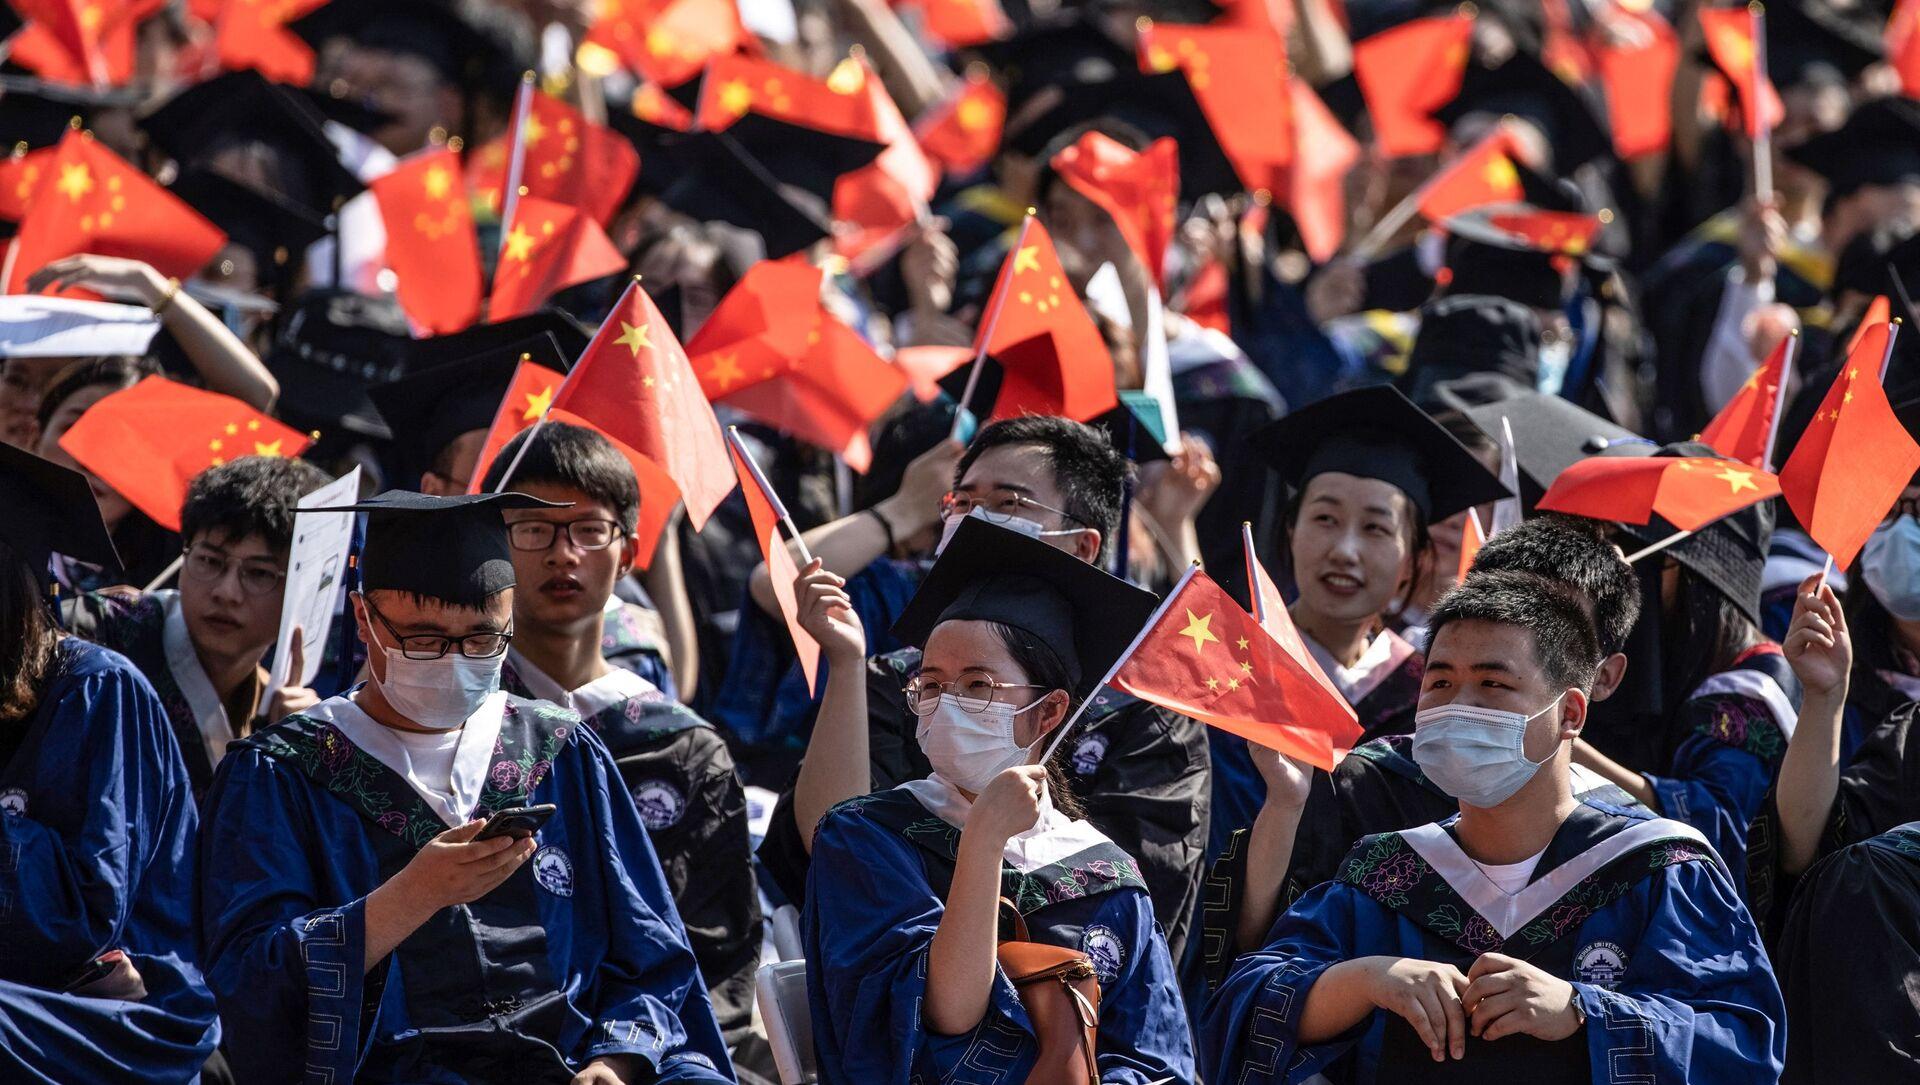 Выпускники Уханьского университета размахивают национальными флагами на церемонии выпуска в Ухане, в центральной китайской провинции Хубэй - Sputnik Абхазия, 1920, 29.07.2021